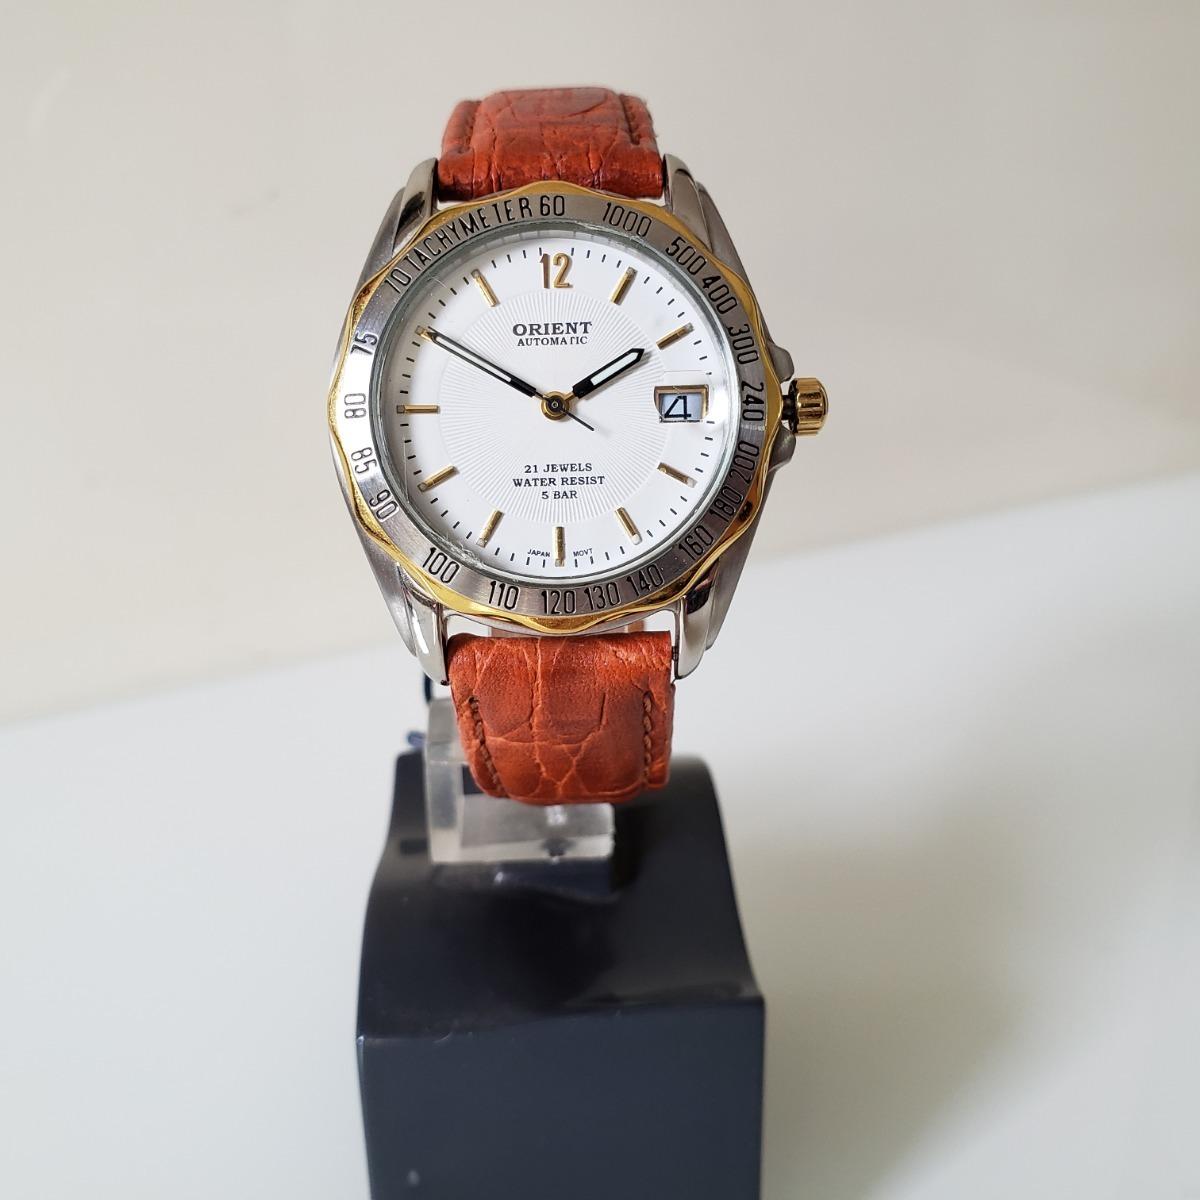 0fae41d3c4e Relógio Orient Automático Mostrador Branco Data Com Lupa - R  479